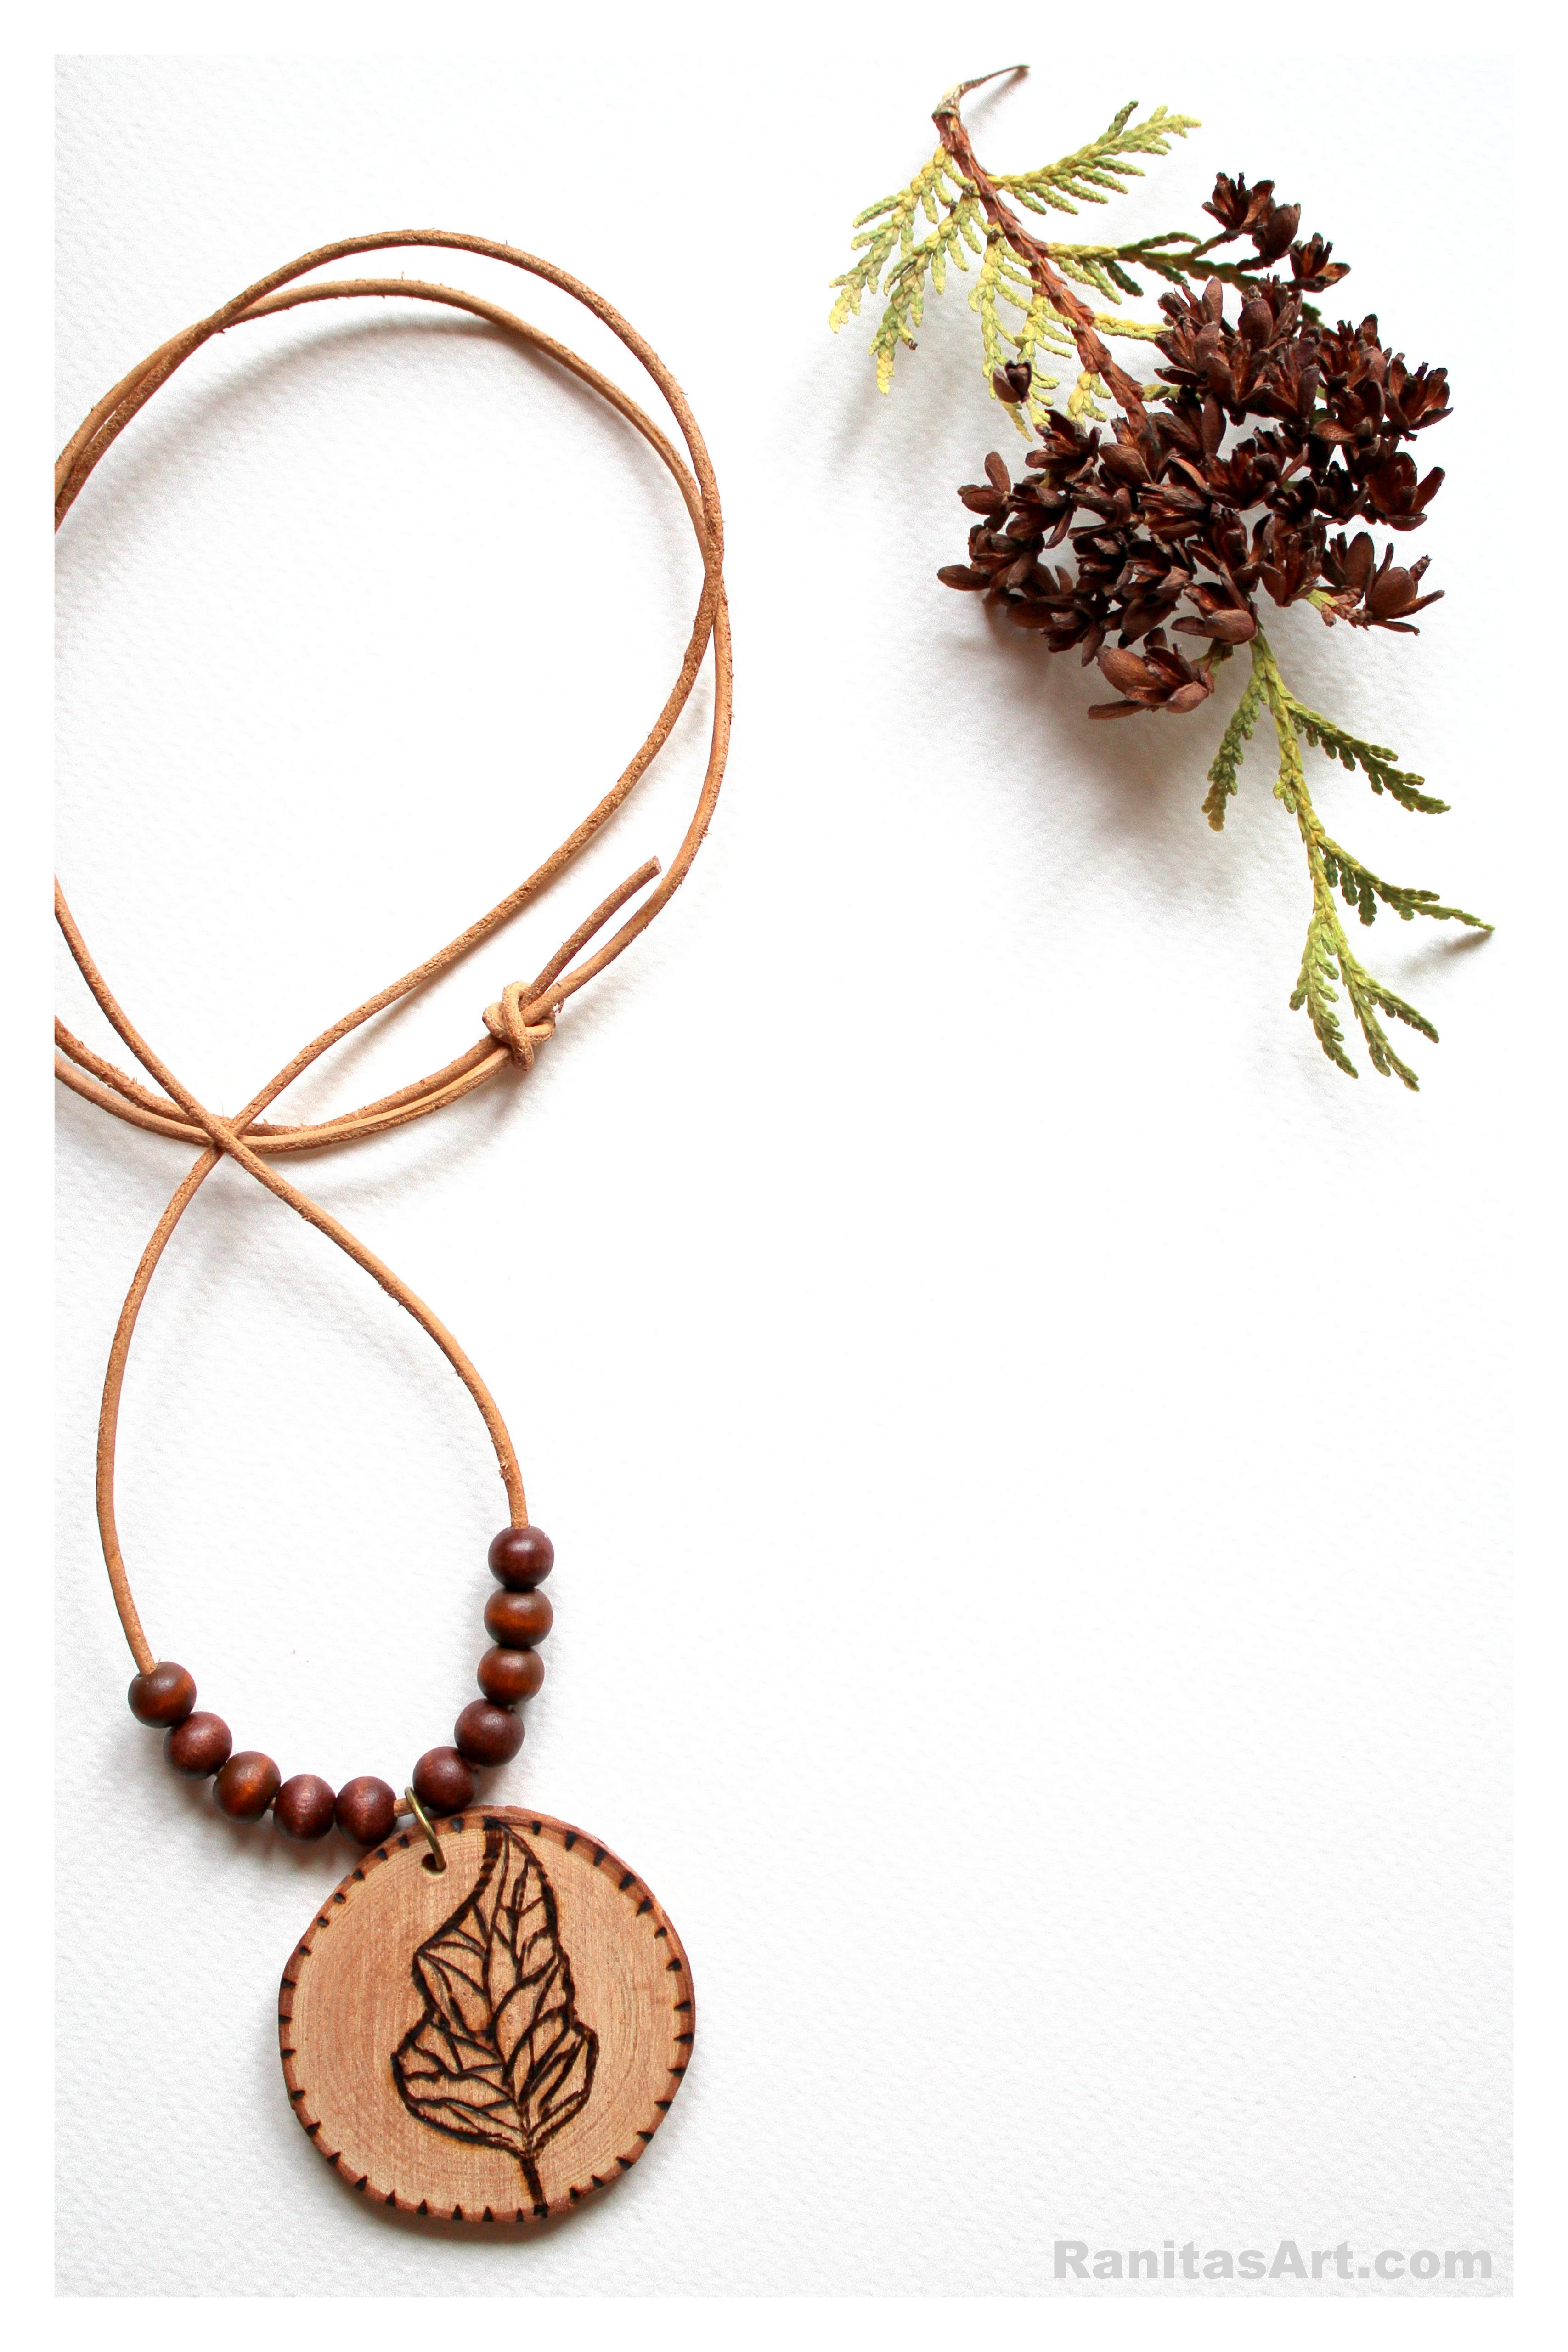 woodburning leaf necklace